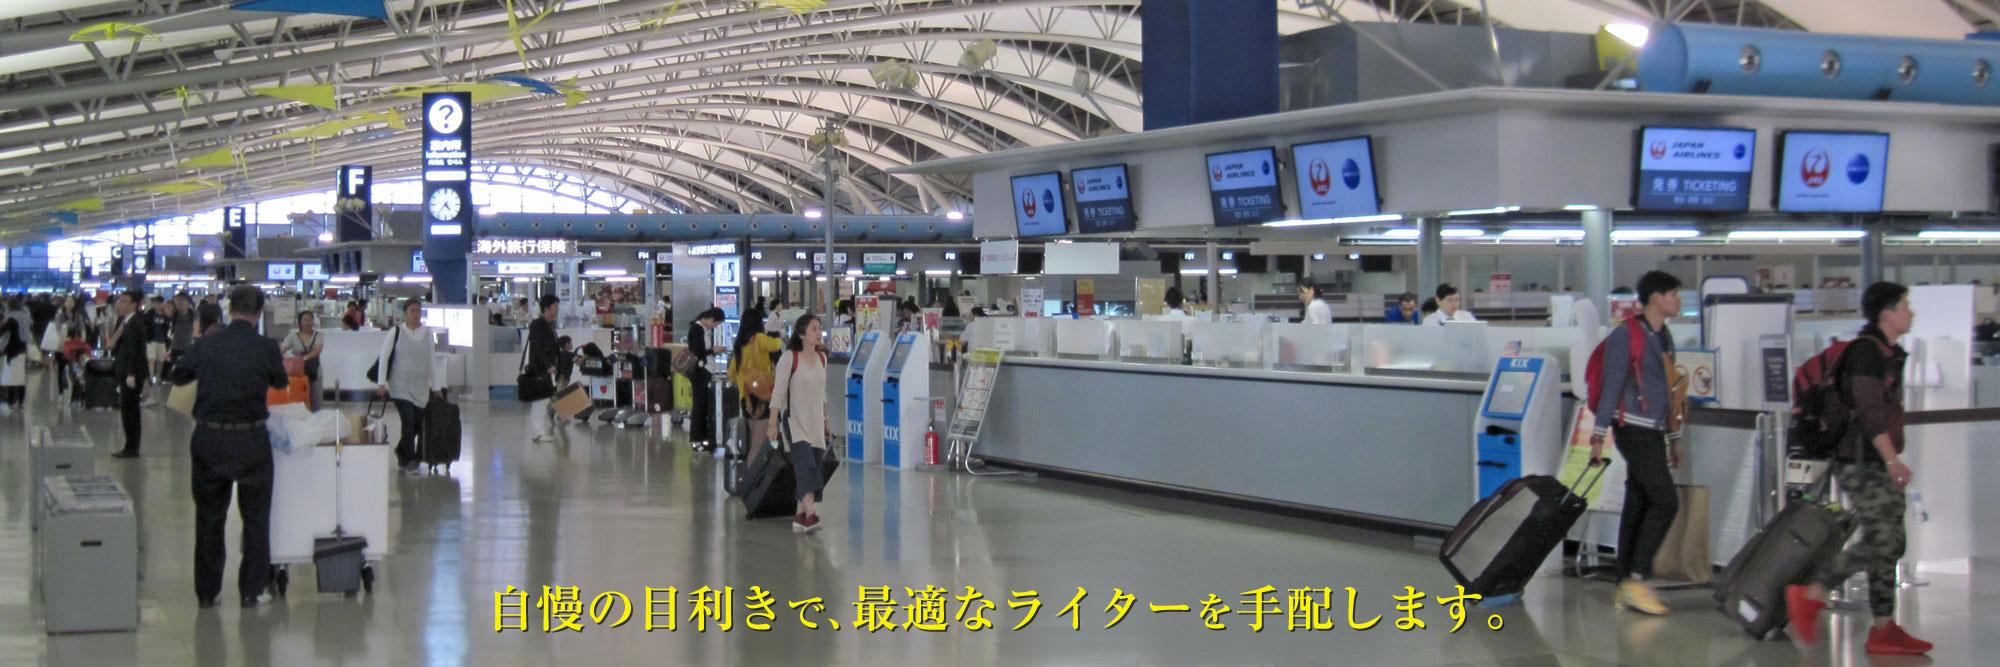 関西ライターミナル|大阪・京都のライターを紹介します